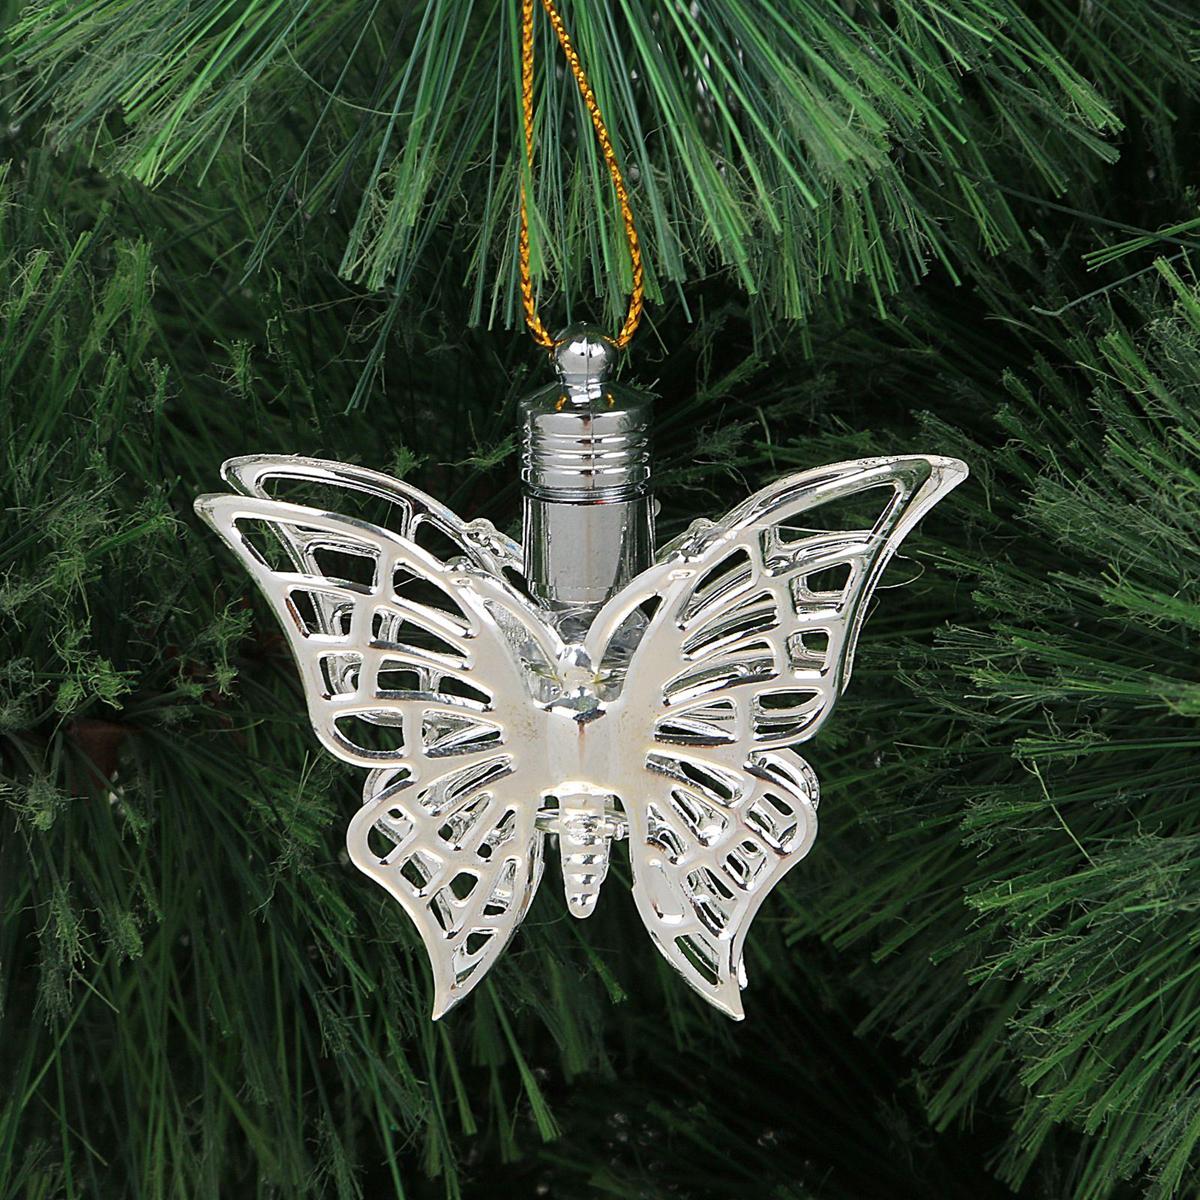 Подвеска новогодняя Luazon Lighting Бабочка, световая, цвет: серебристый, длина 5,5 см2327170Световая новогодняя подвеска Luazon Lighting Бабочка выполнена из металла в виде бабочки. Елочное украшение выглядит как простая елочная игрушка днем, но при этом остается видимой вечером.Просто включите изделие с наступлением темноты, и оно украсит елку огоньками. Подвеска Luazon Lighting Бабочка работает от батареек (входит в комплект) и пожаробезопасна, так как светодиоды не нагреваются, в отличие от ламп накаливания.